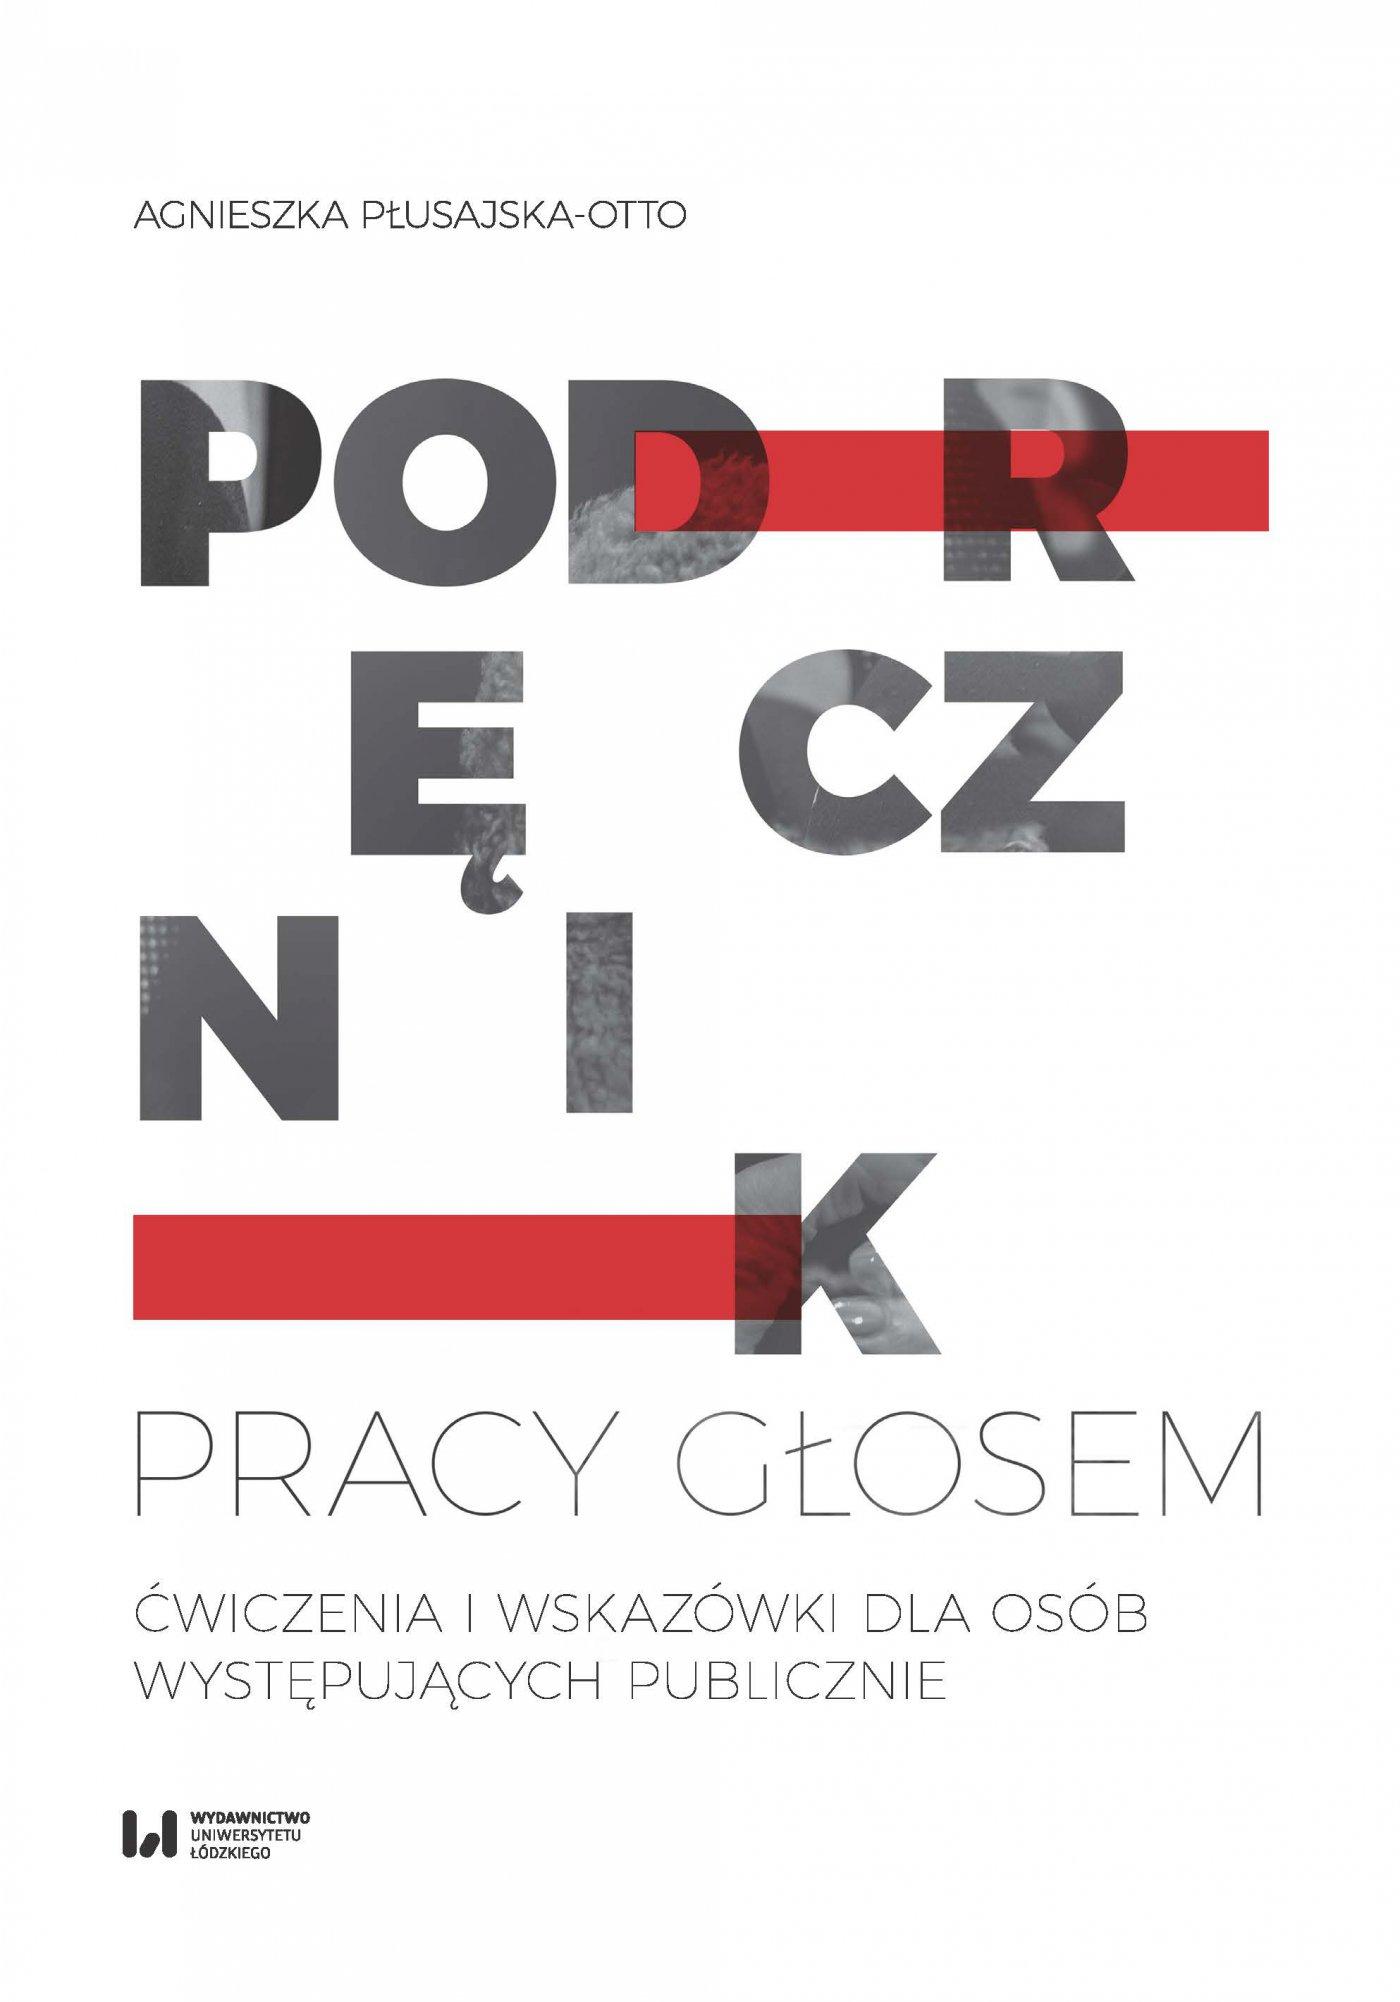 Podręcznik pracy głosem. Ćwiczenia i wskazówki dla osób występujących publicznie - Ebook (Książka PDF) do pobrania w formacie PDF